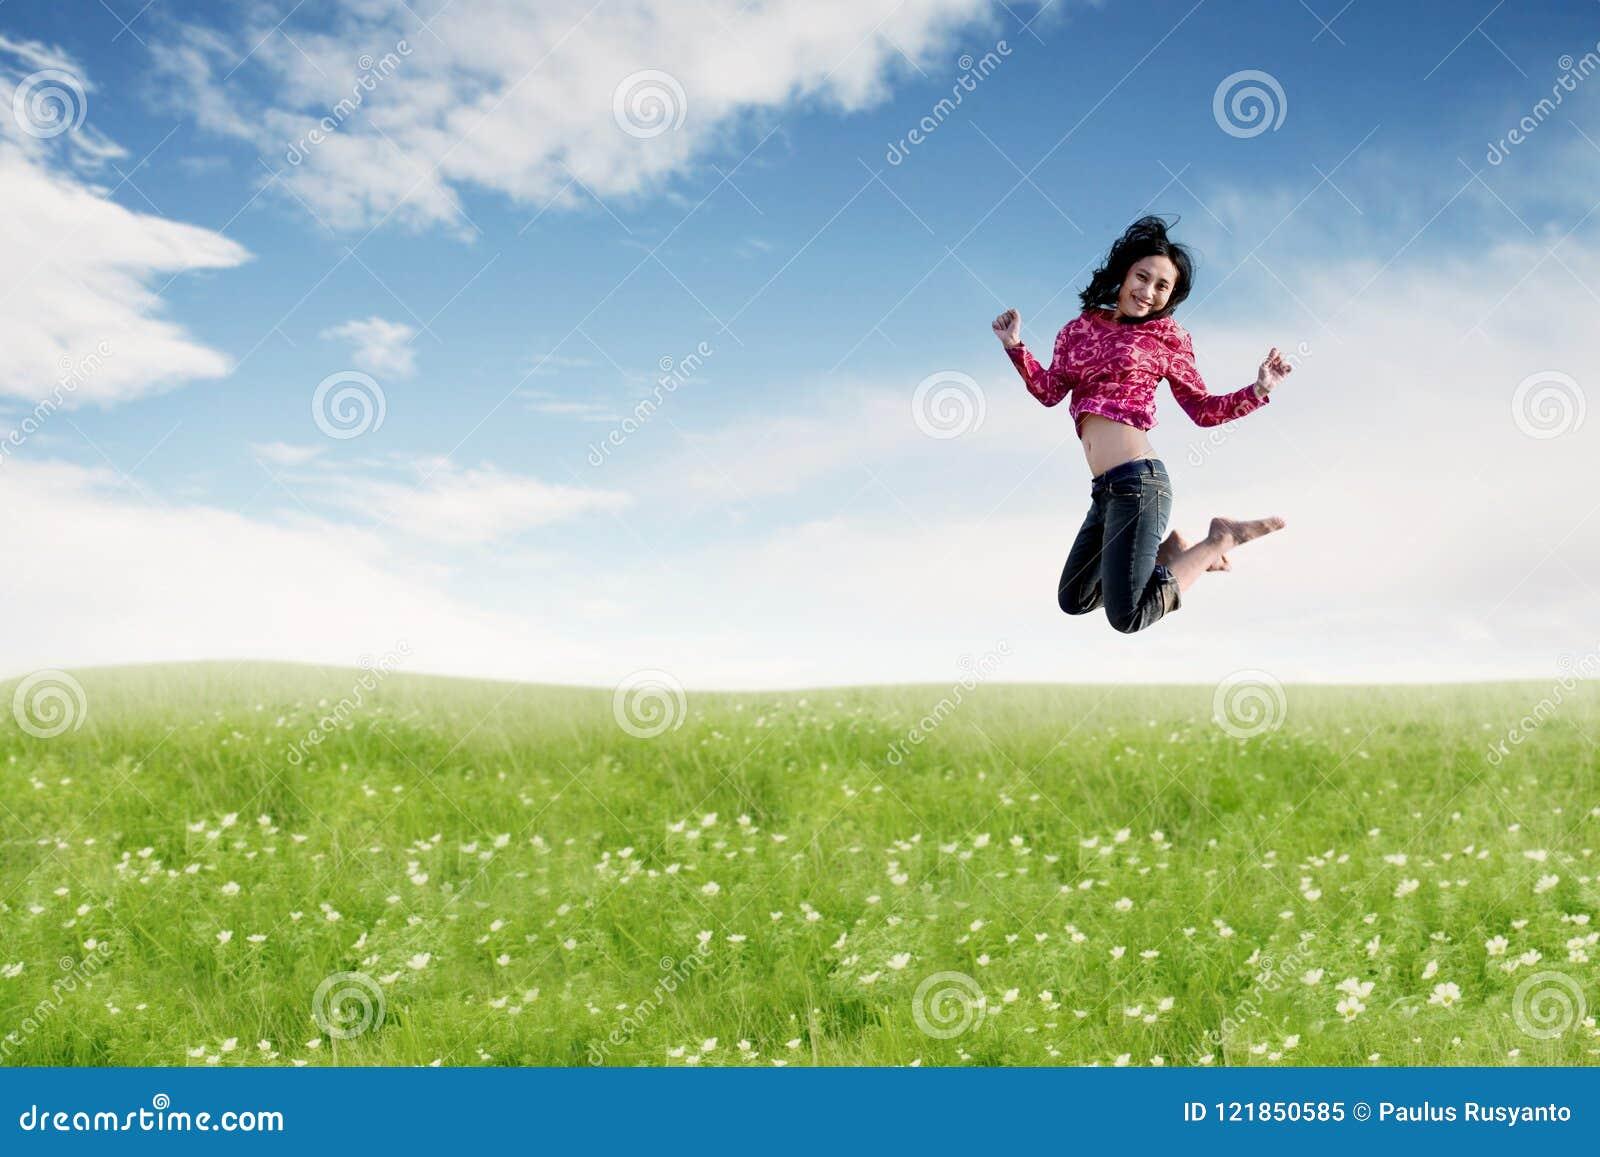 Onbezorgde Aziatische vrouw die een grote sprong op weide maken